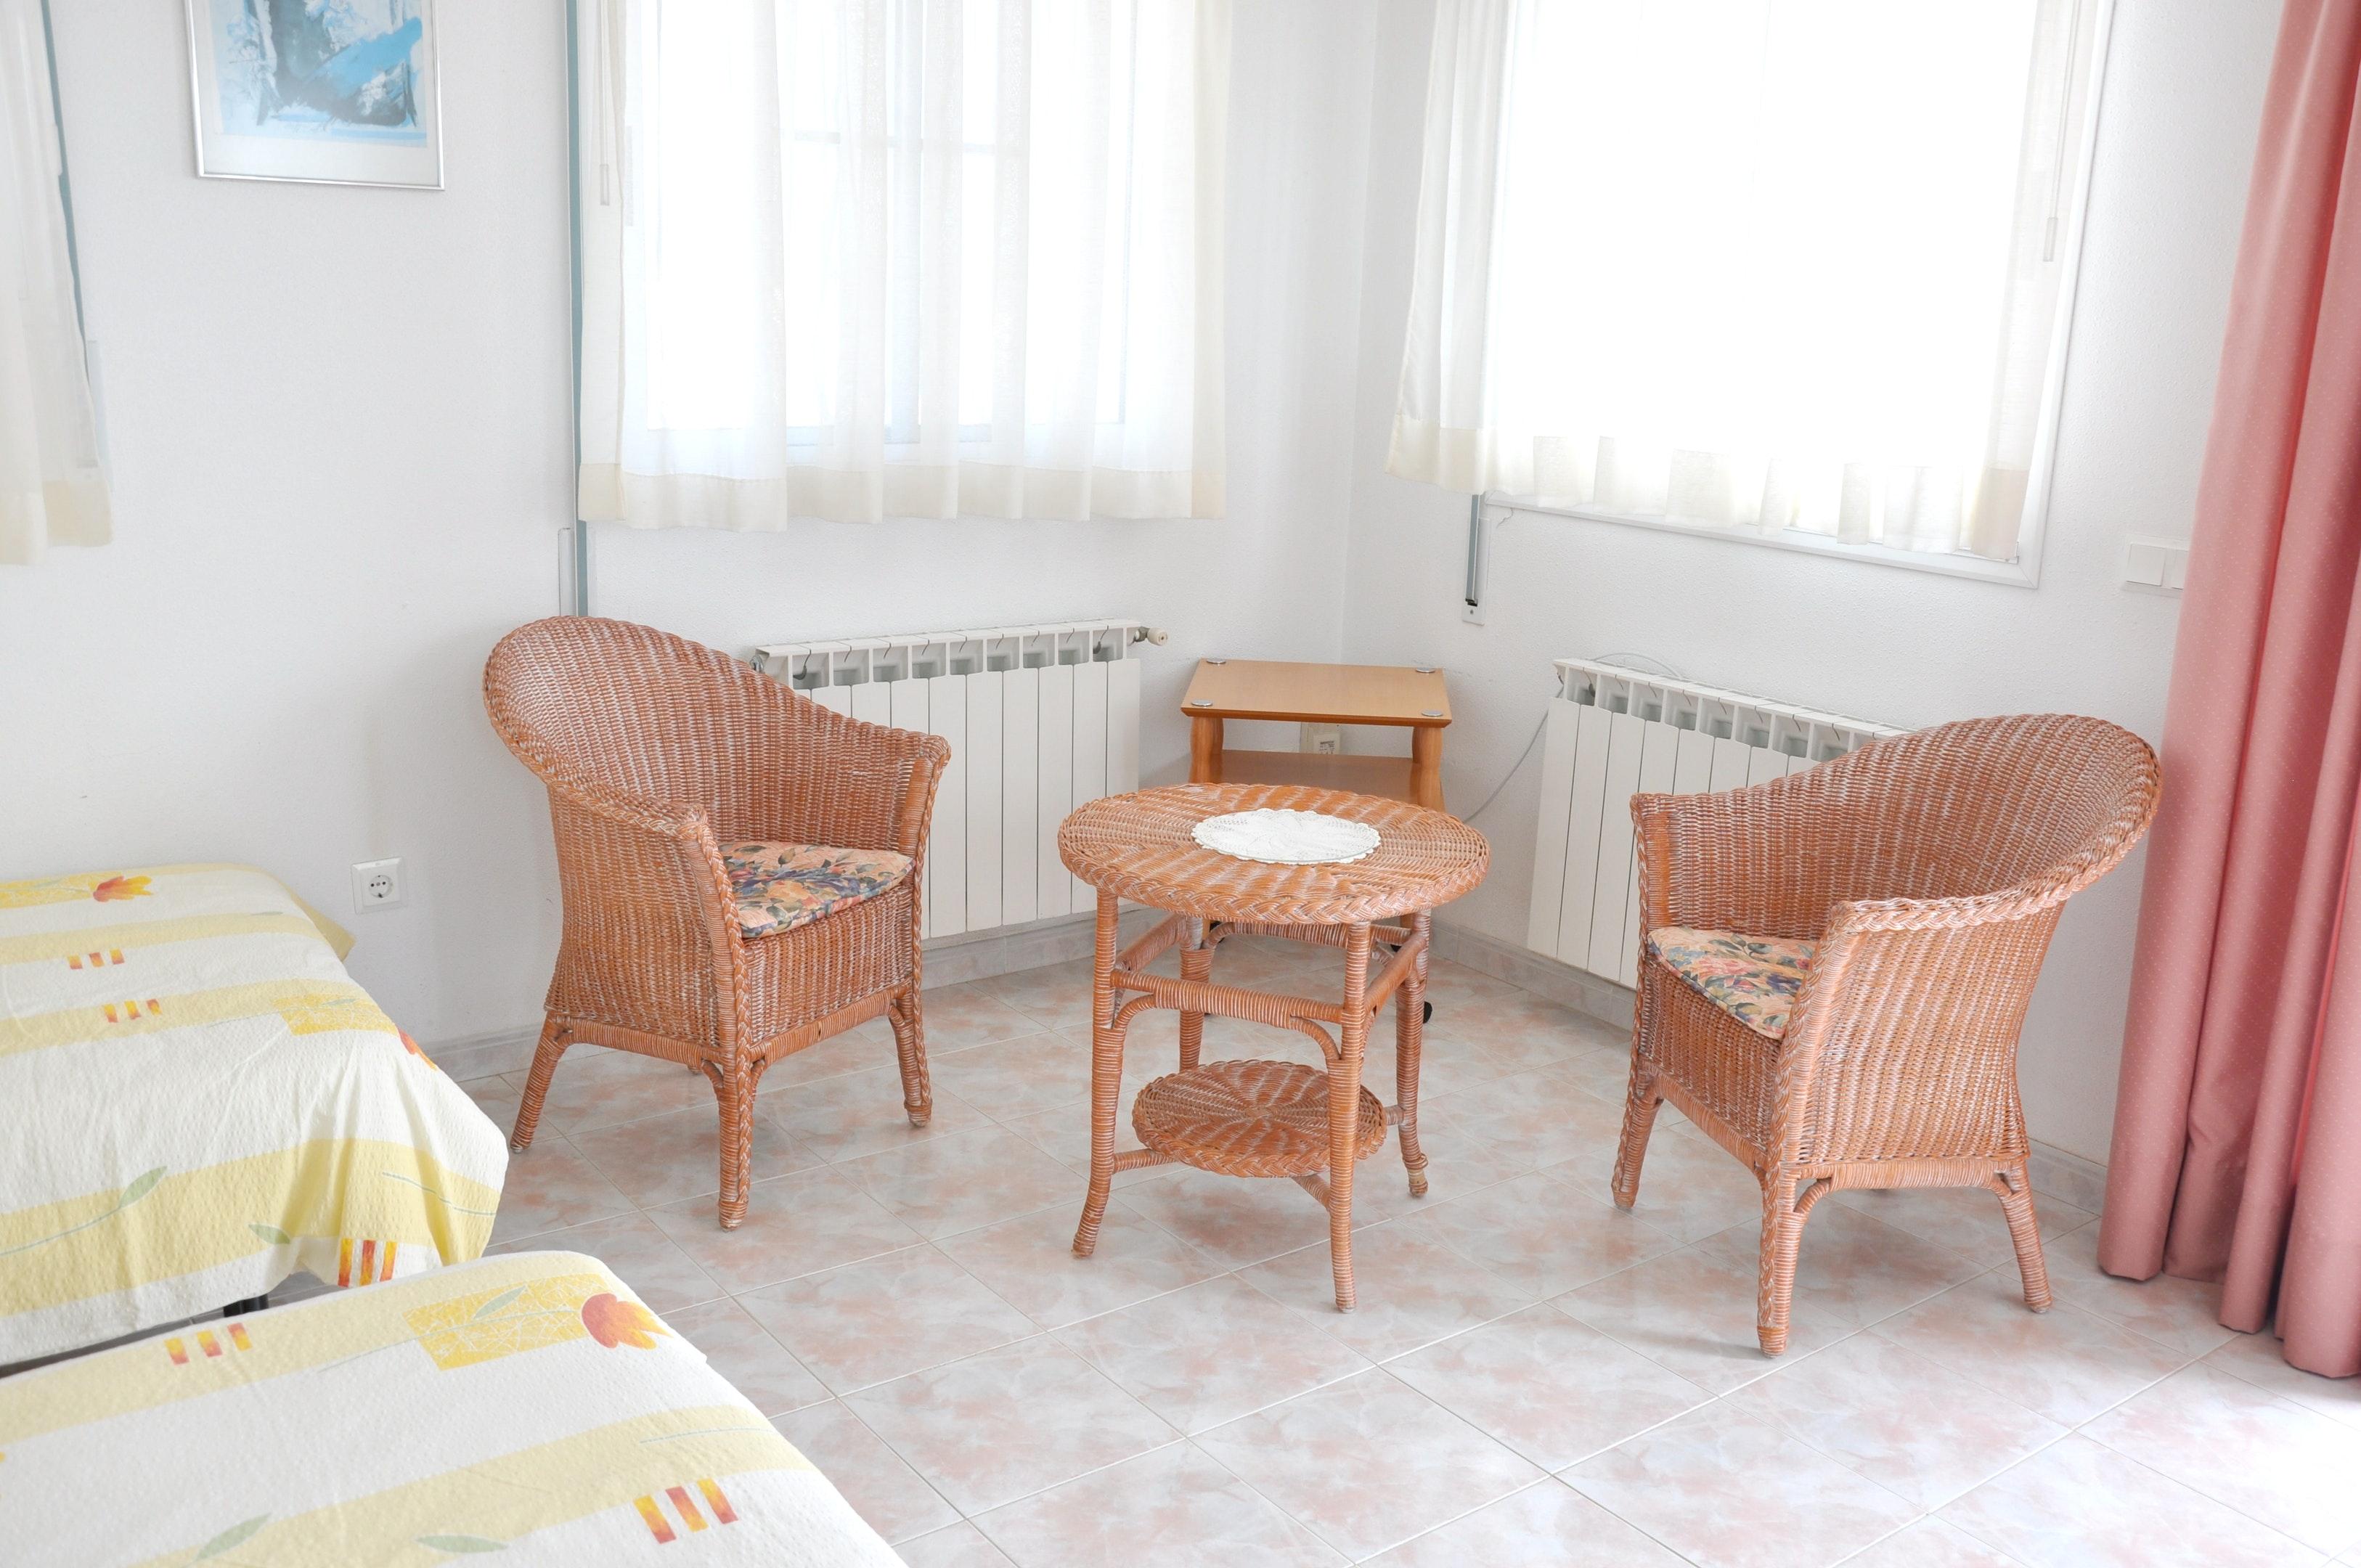 Ferienhaus Villa mit 3 Schlafzimmern in Ampolla mit herrlichem Meerblick, privatem Pool, möbliertem G (2201037), L'Ampolla, Costa Dorada, Katalonien, Spanien, Bild 22